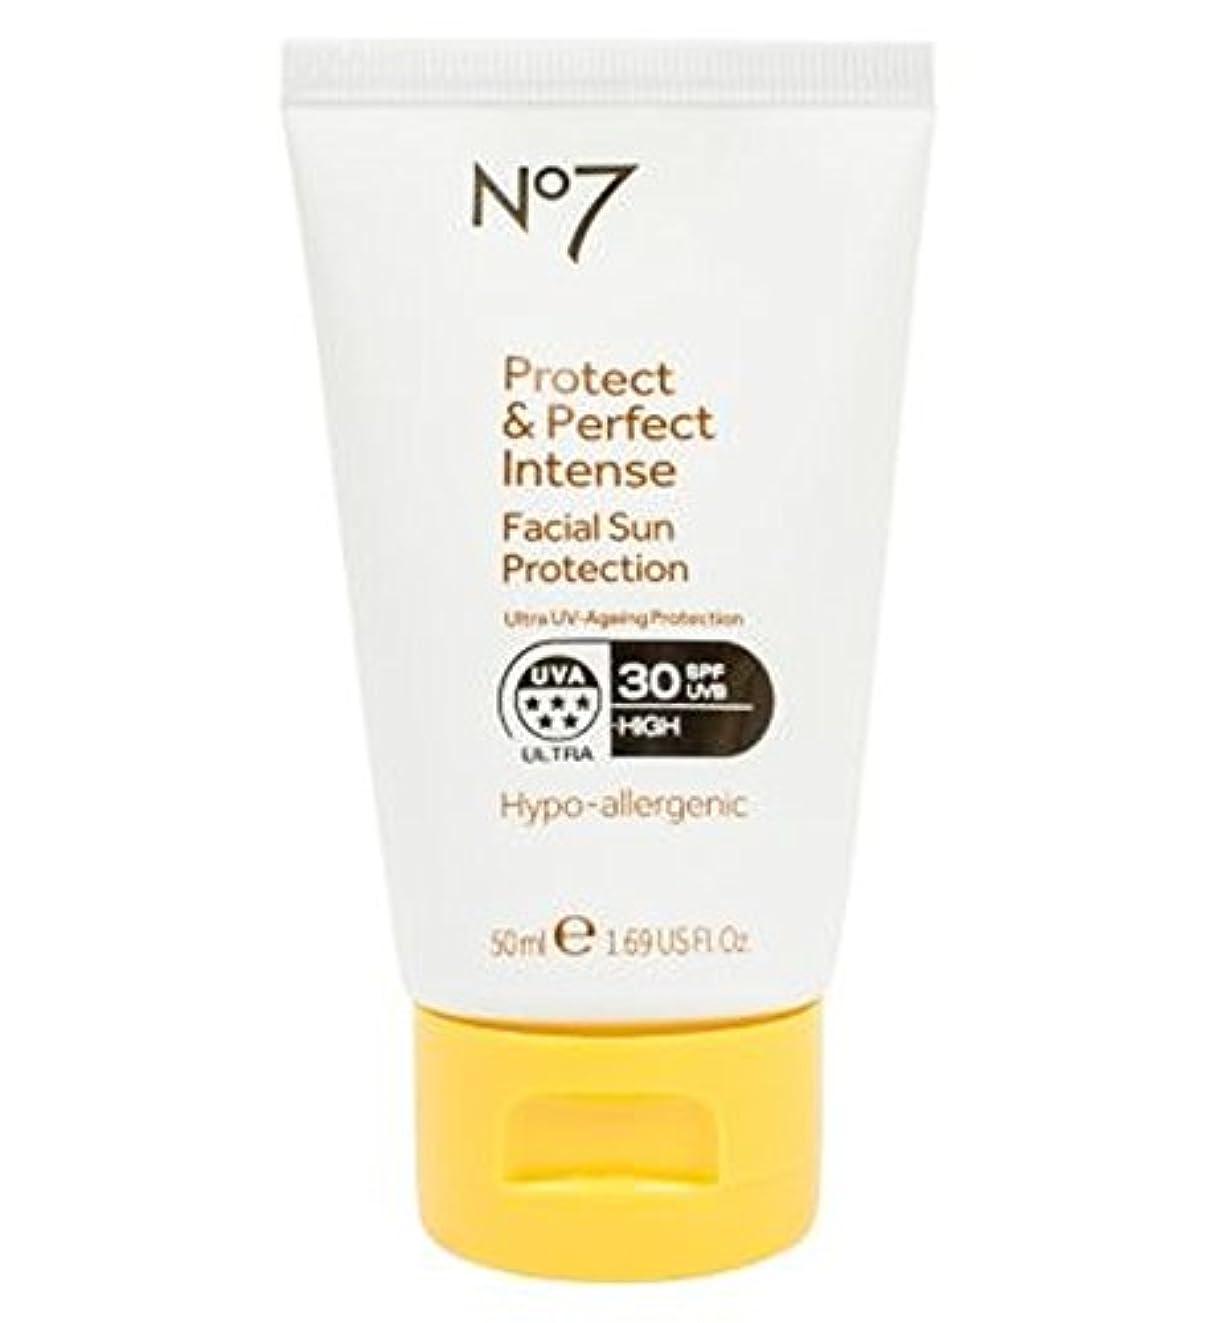 禁止するクレーターアラスカNo7保護&完璧な強烈な顔の日焼け防止Spf 30 50ミリリットル (No7) (x2) - No7 Protect & Perfect Intense Facial Sun Protection SPF 30 50ml...